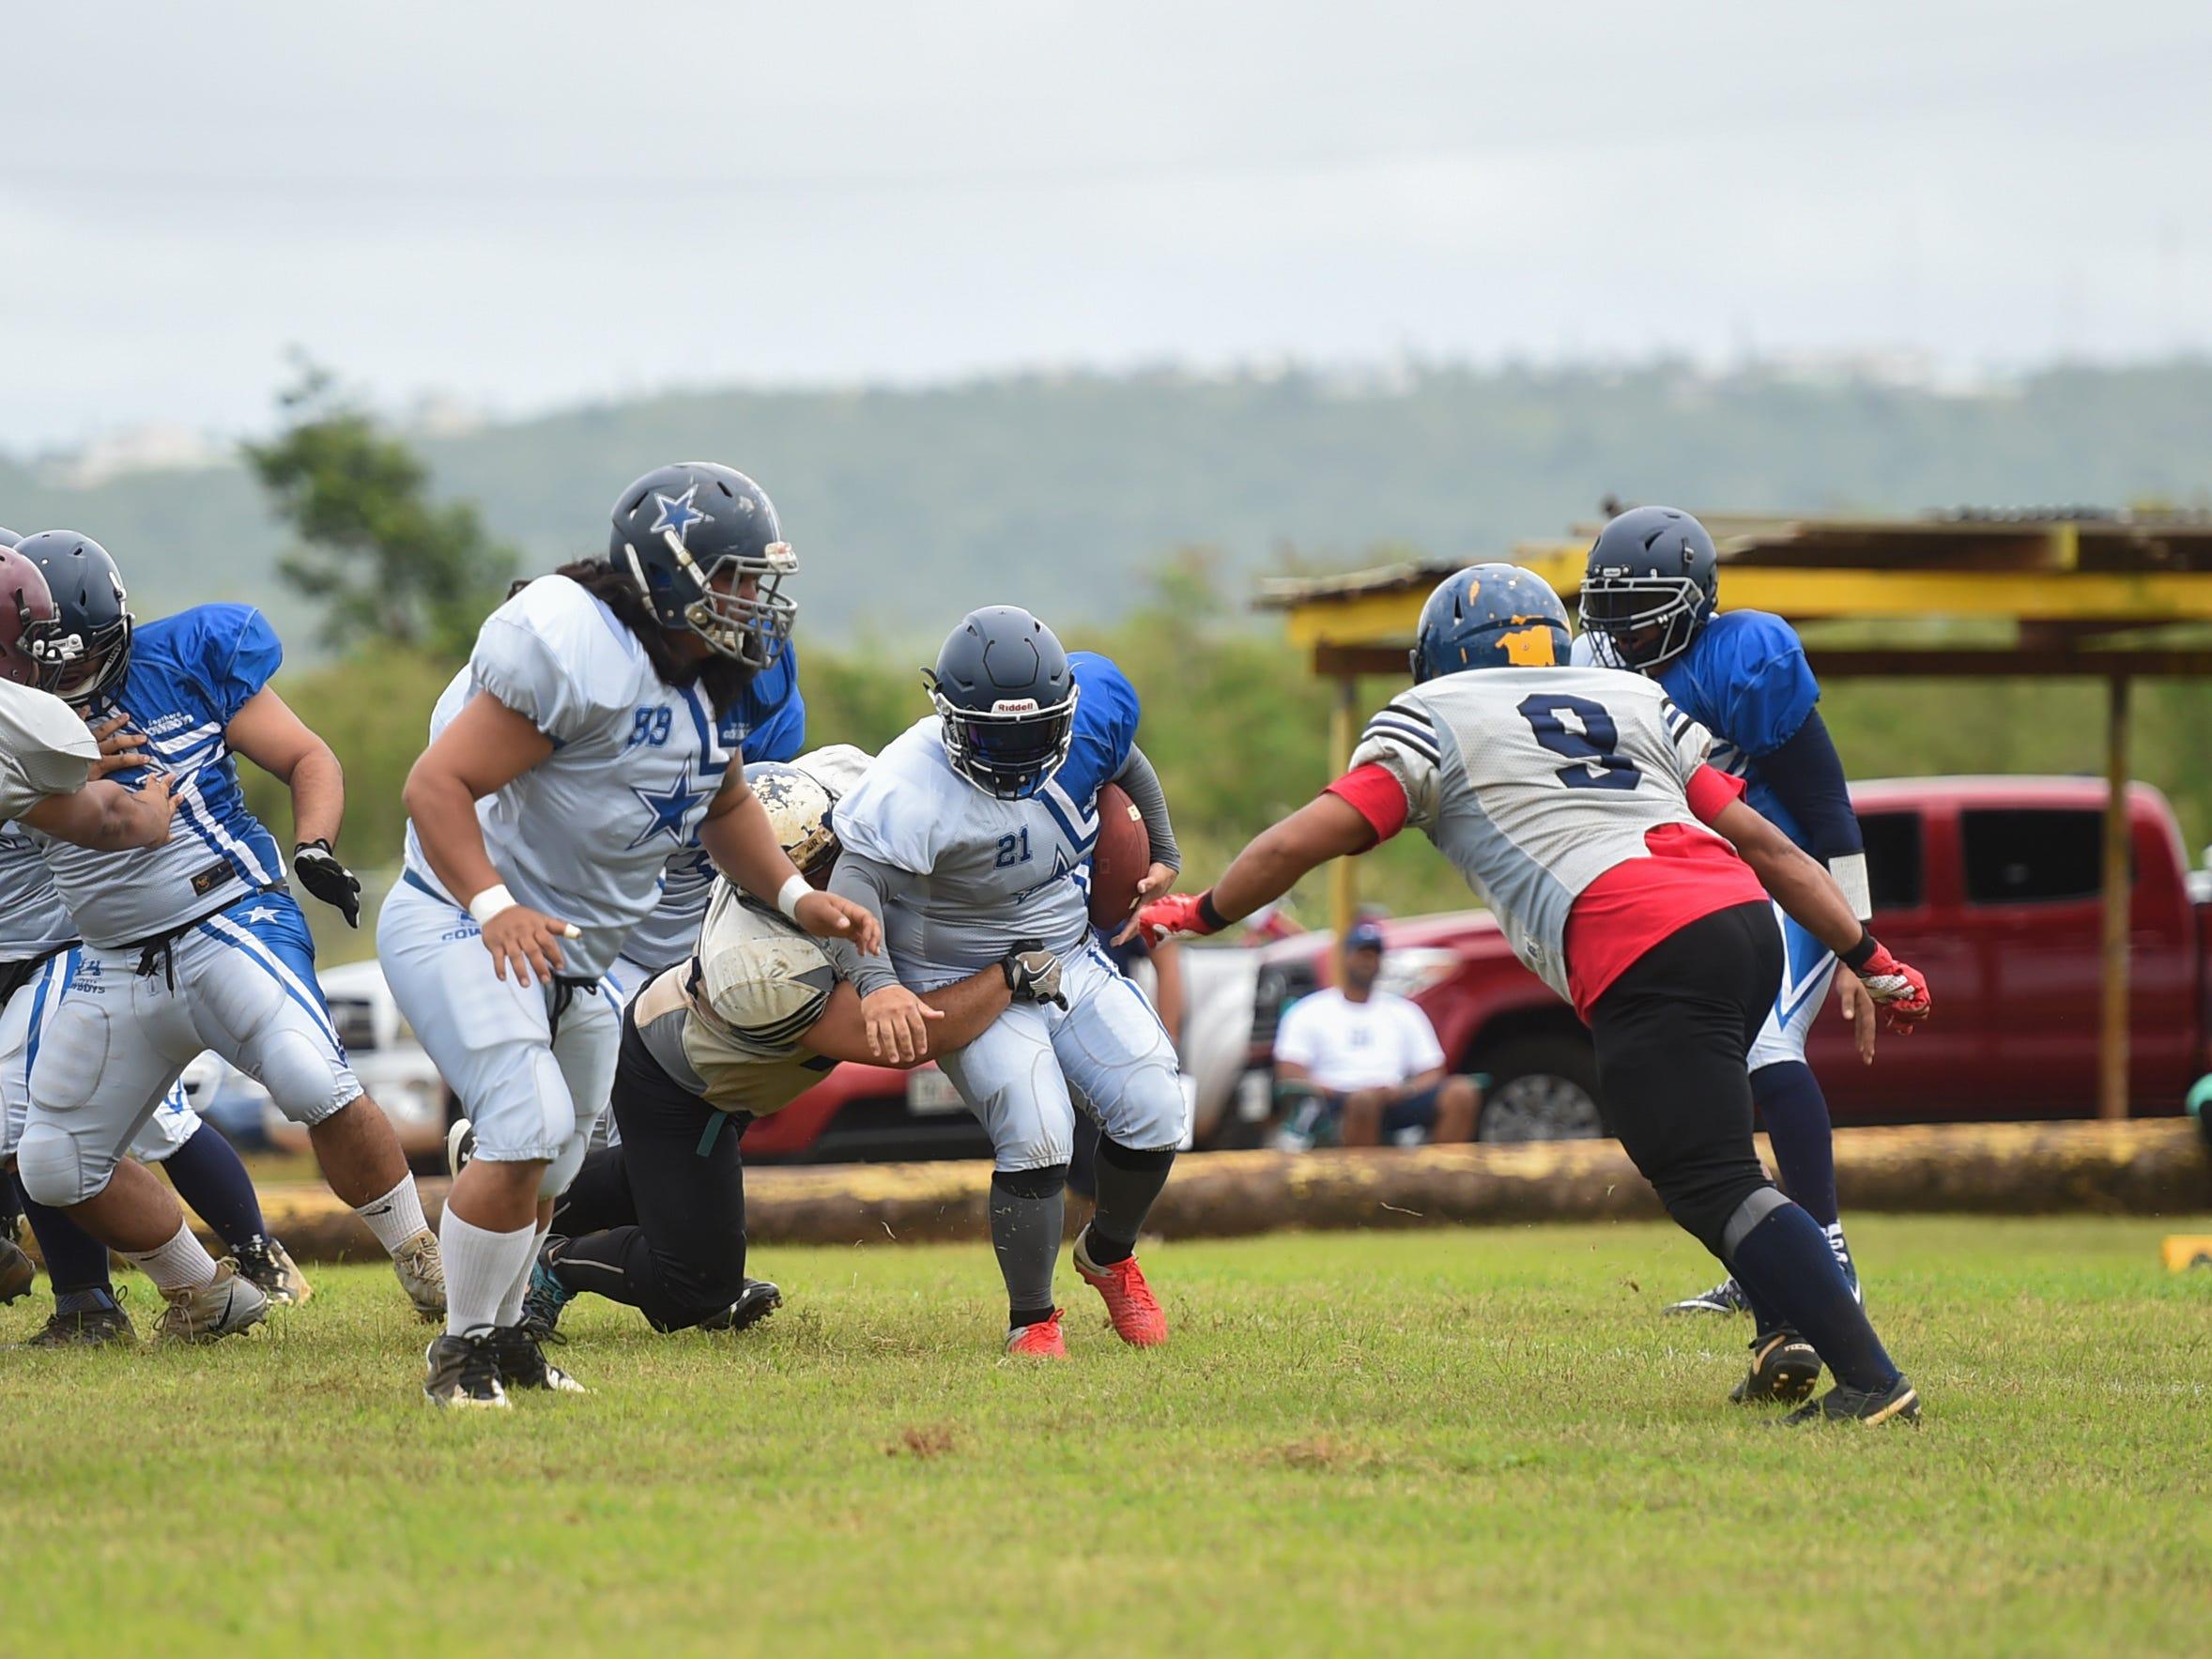 Southern Cowboys' Adam Lumba (21) runs the ball against the Guam Raiders during their Budweiser Guahan Varsity Football League game at Eagles Field in Mangilao, Feb. 2, 2019.